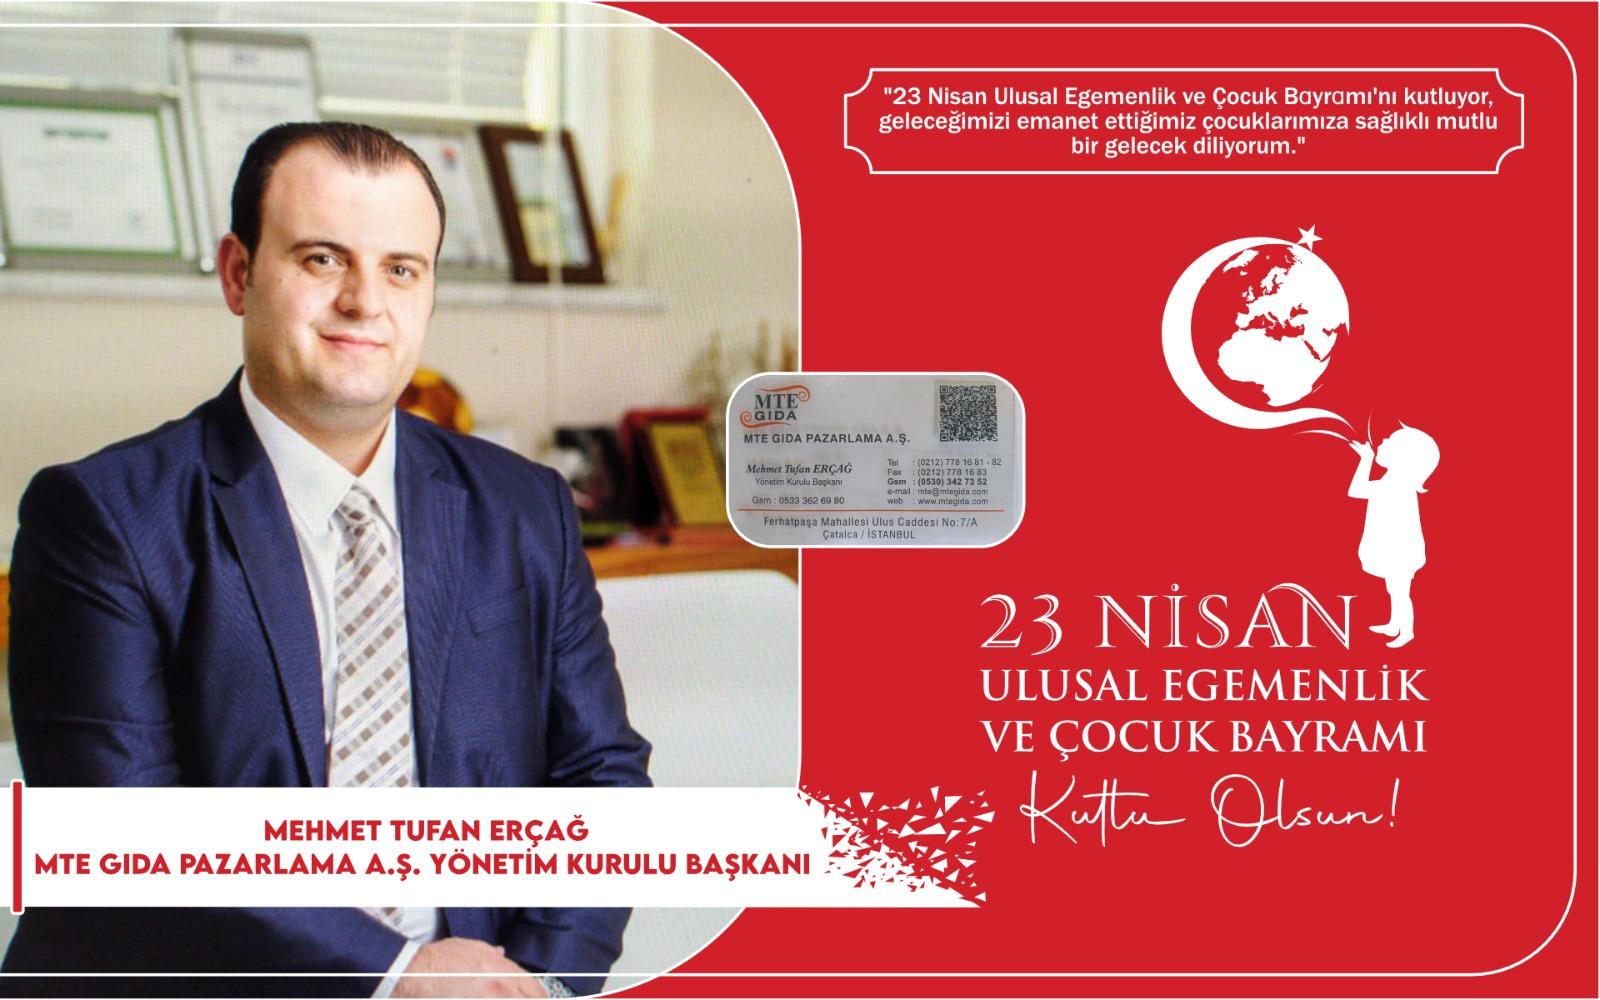 Mehmet Tufan Erçağ'dan kutlama mesajı